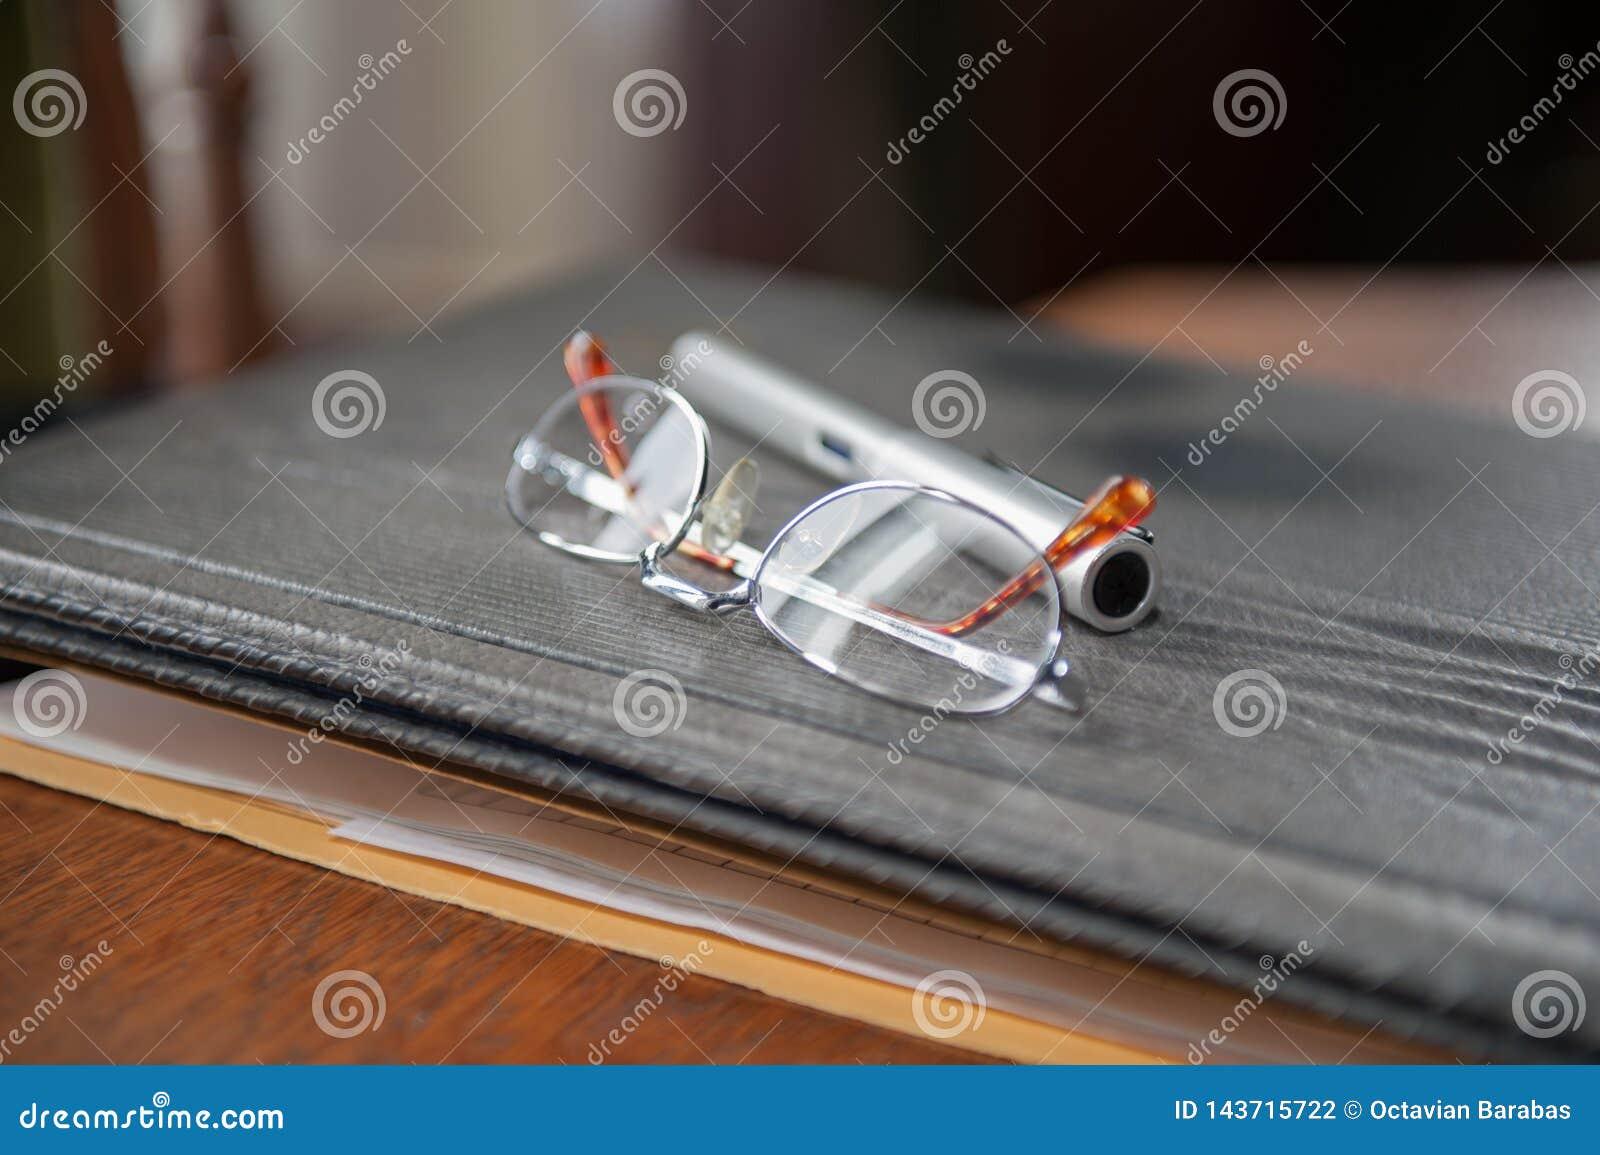 Θεάματα και μολύβι στο φάκελο